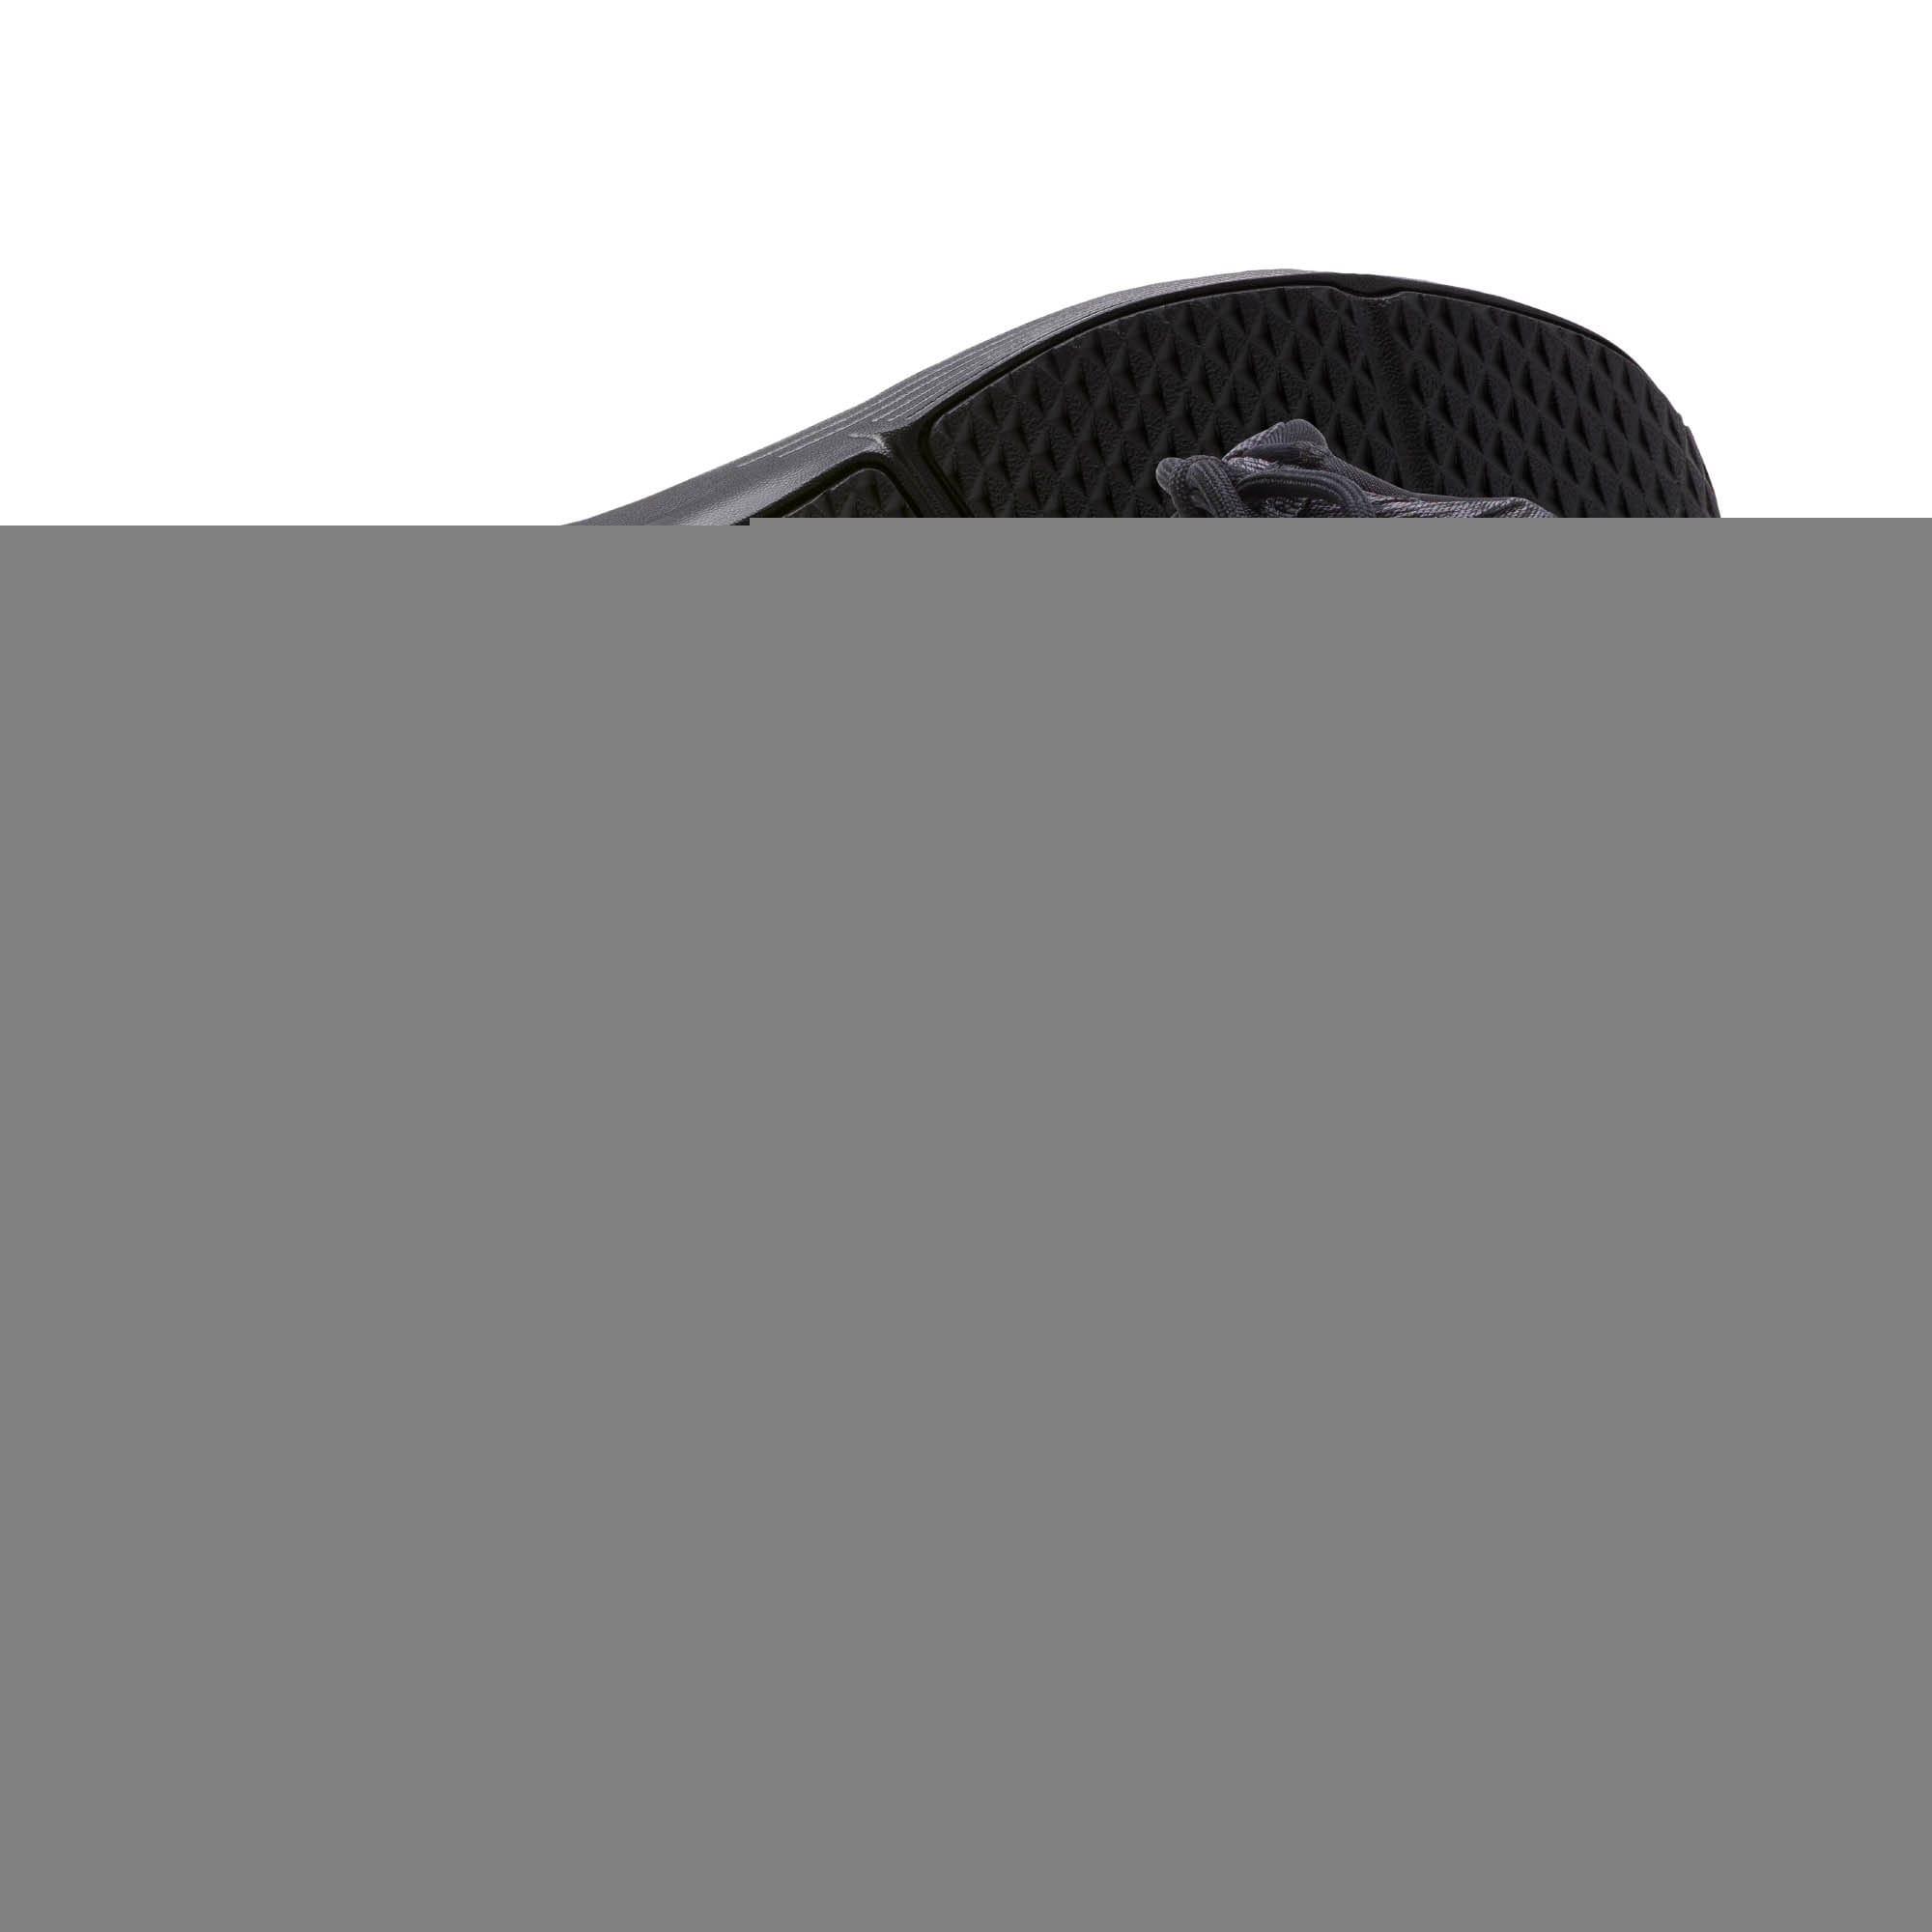 Thumbnail 2 of Fierce Rope Pleats Women's Sneakers, Puma Black-Puma Black, medium